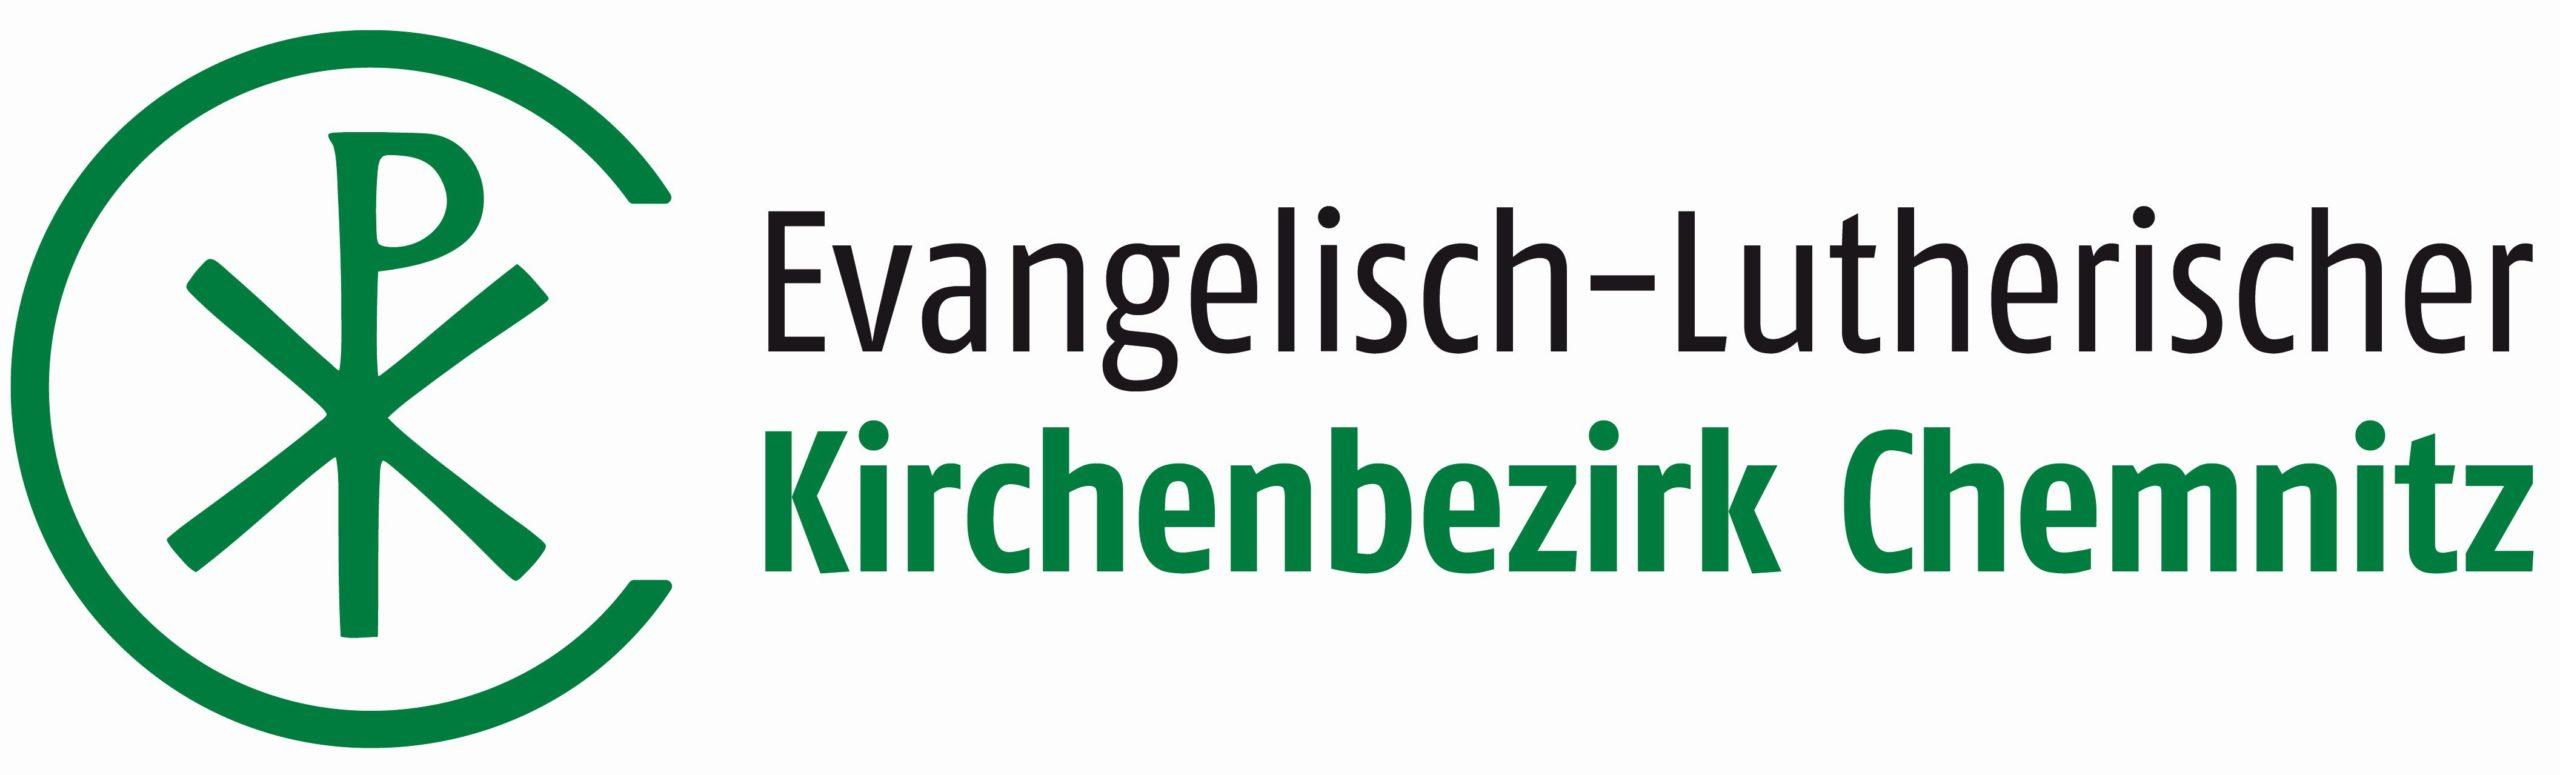 Ev.-Luth. Kirchenbezirk Chemnitz